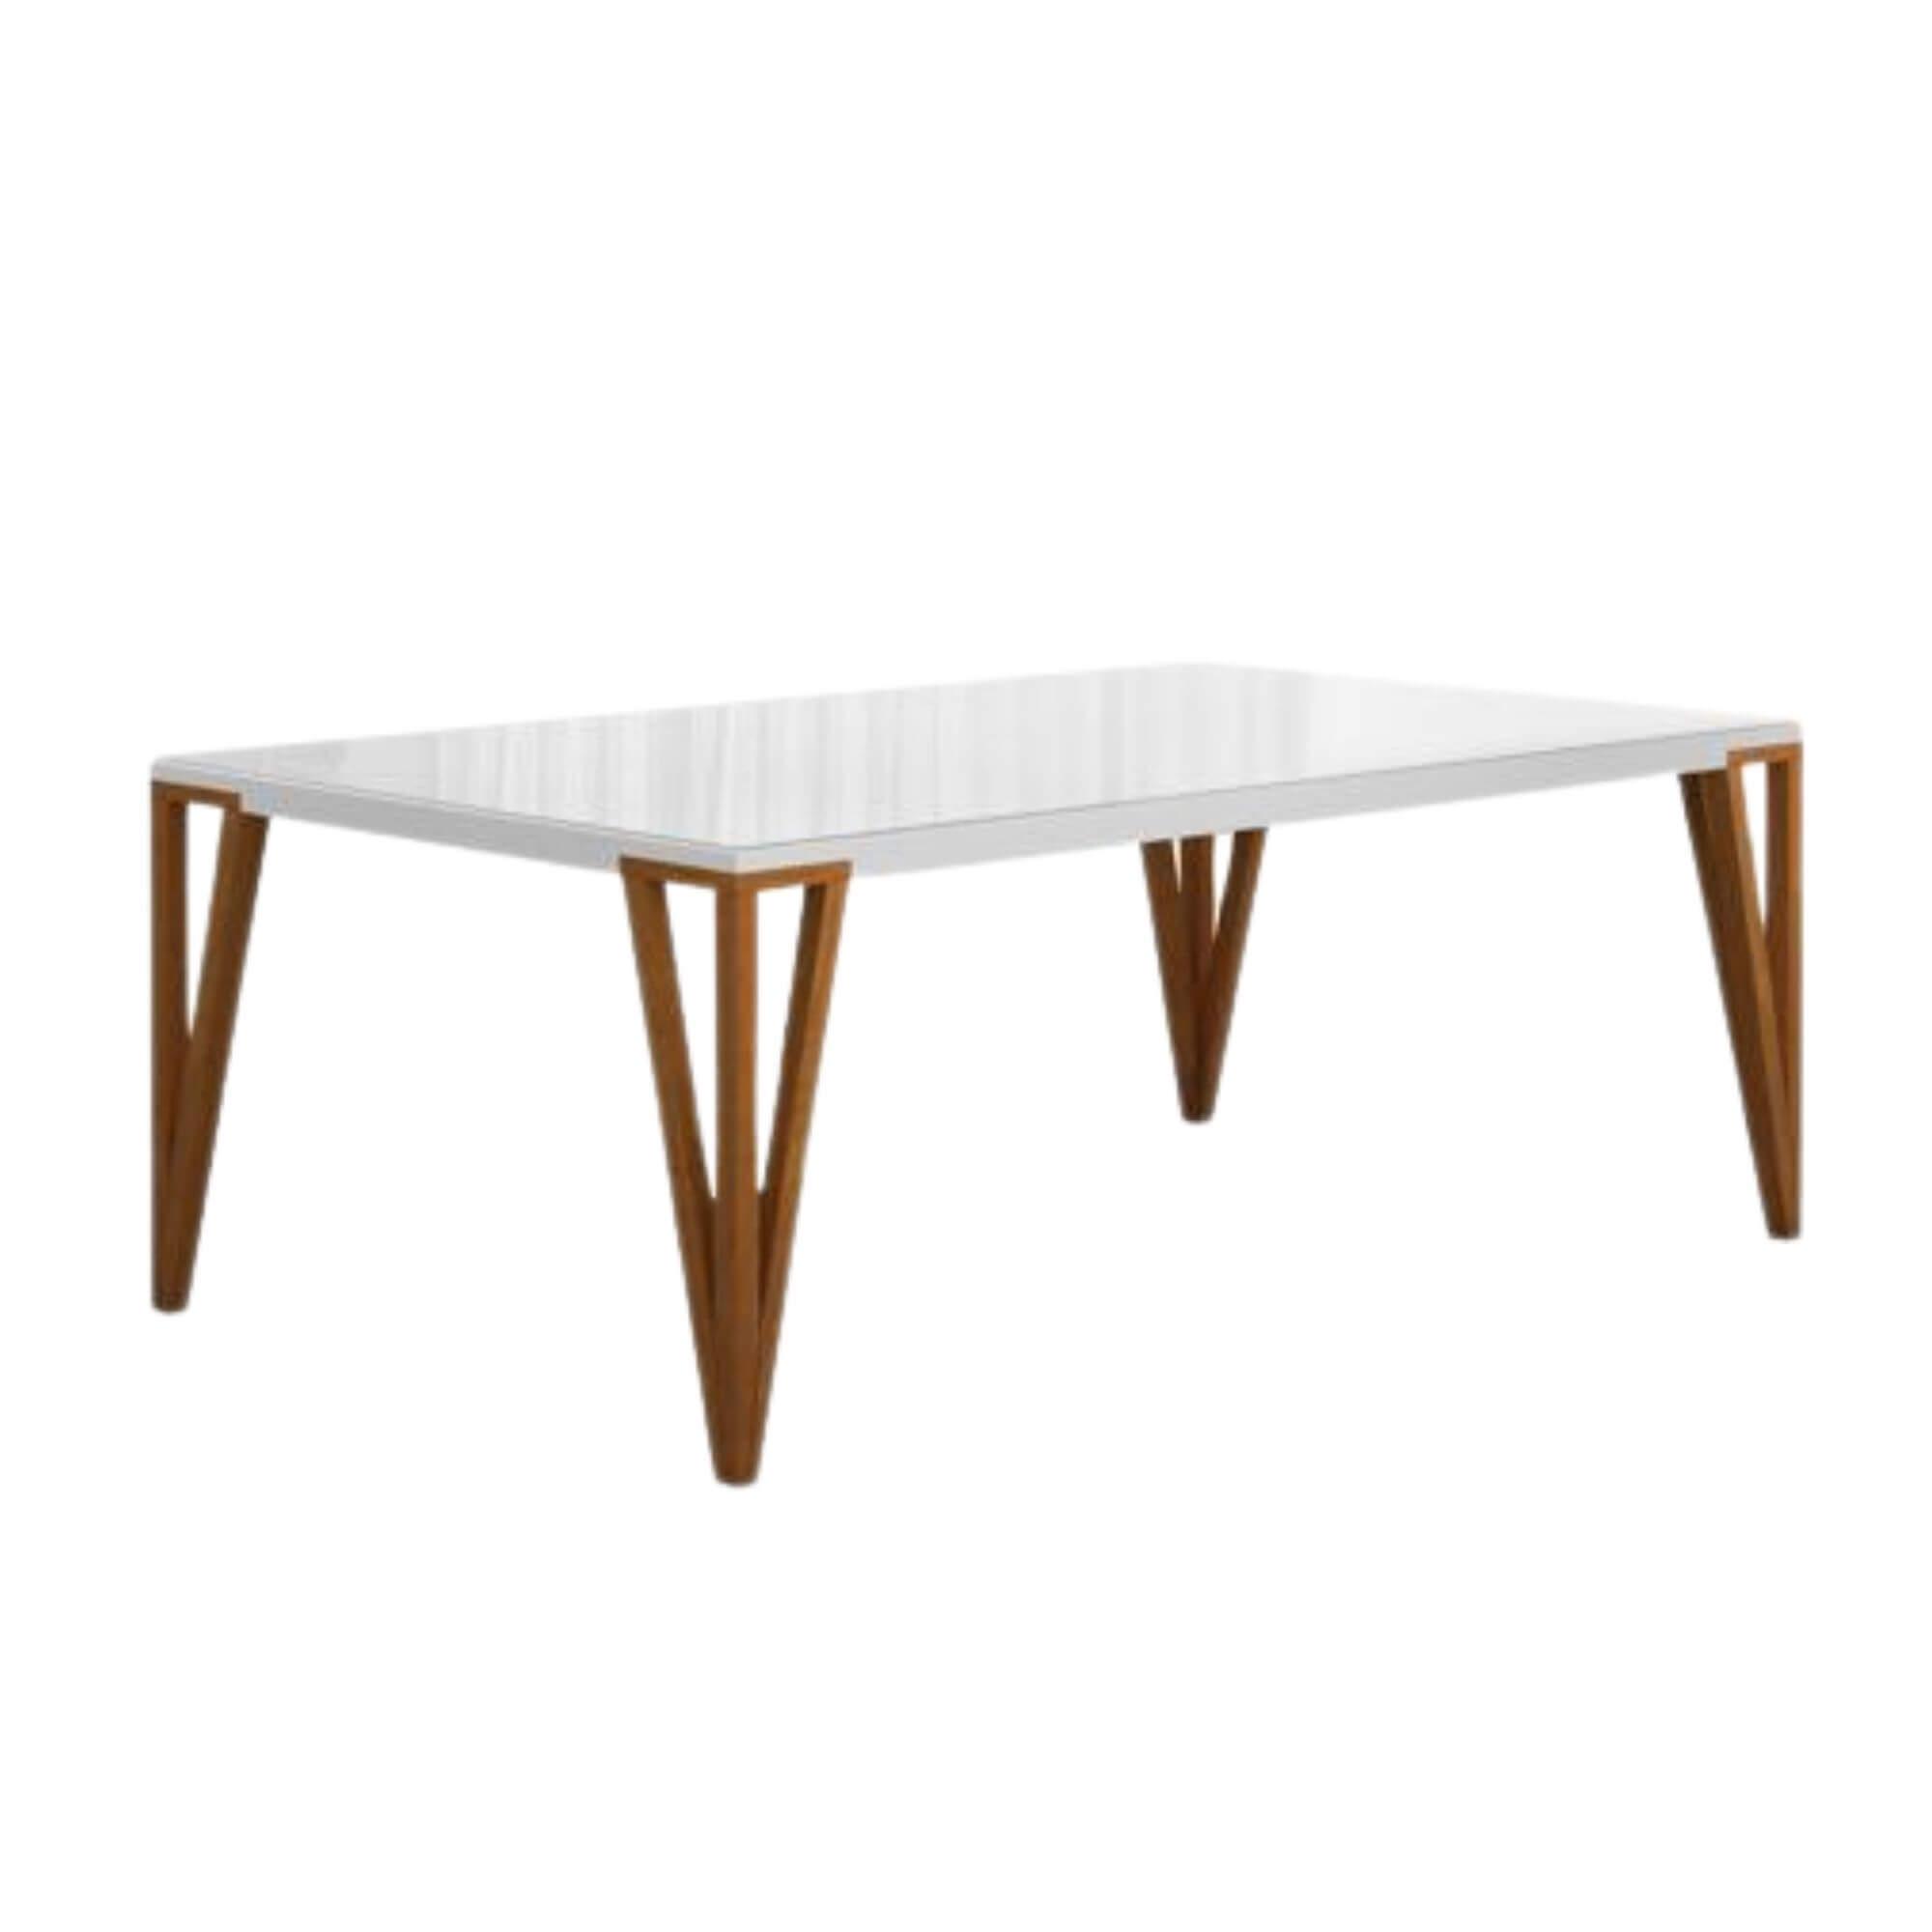 Mesa de Jantar 8 Lugares Oriente 218 cm x 110 cm